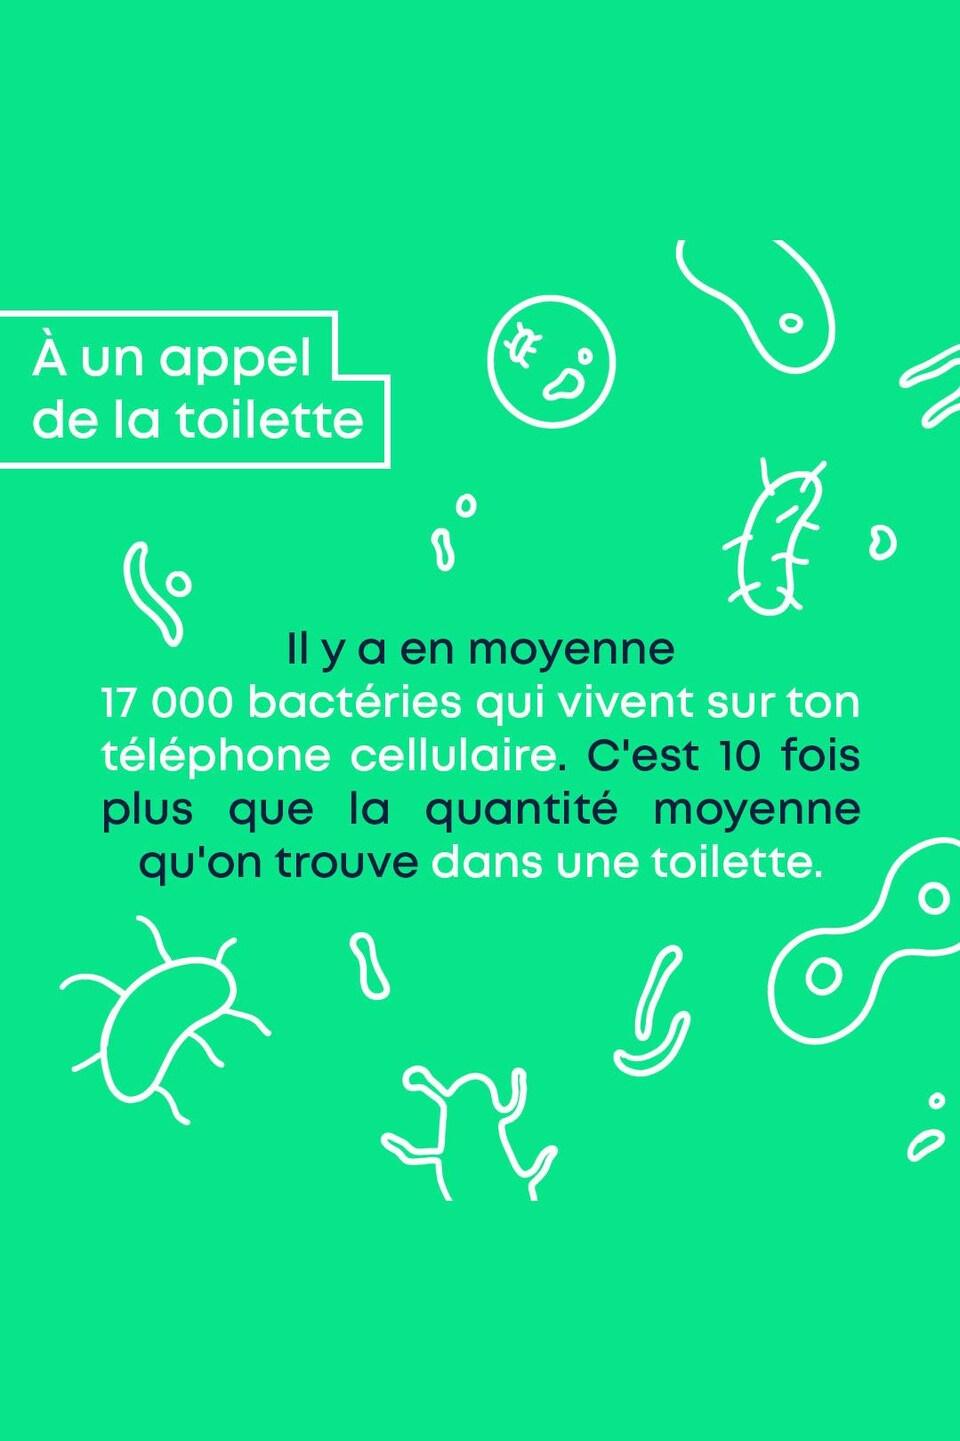 À un appel de la toilette : Il y a en moyenne 17 000 bactéries qui vivent sur ton téléphone cellulaire. C'est 10 fois plus que la quantité moyenne qu'on trouve dans une toilette.